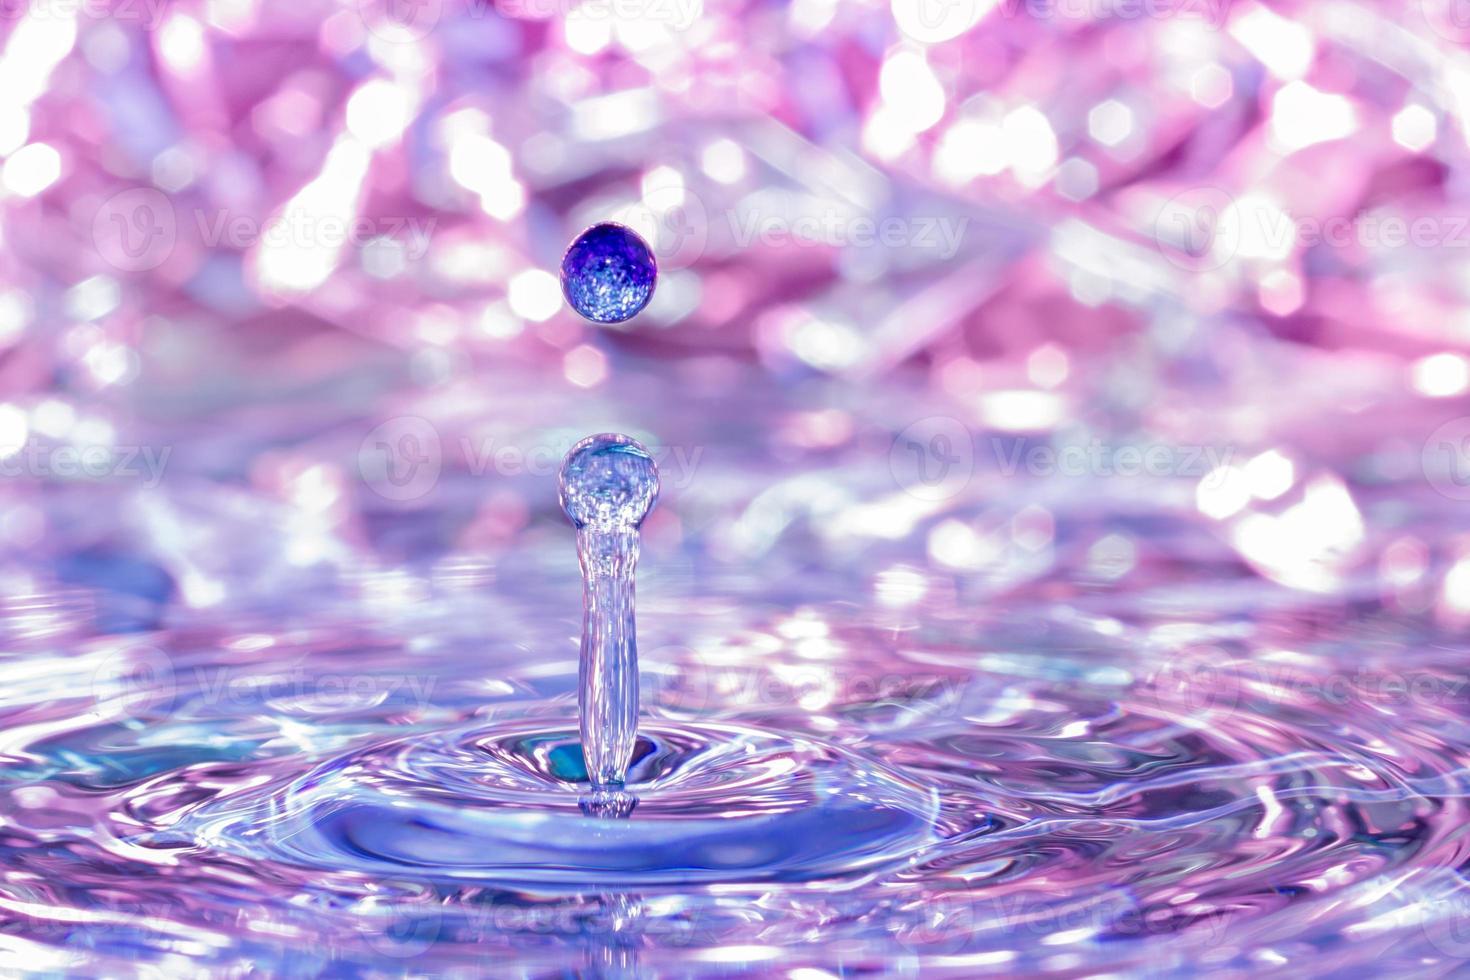 vattendroppe som faller i vatten. foto